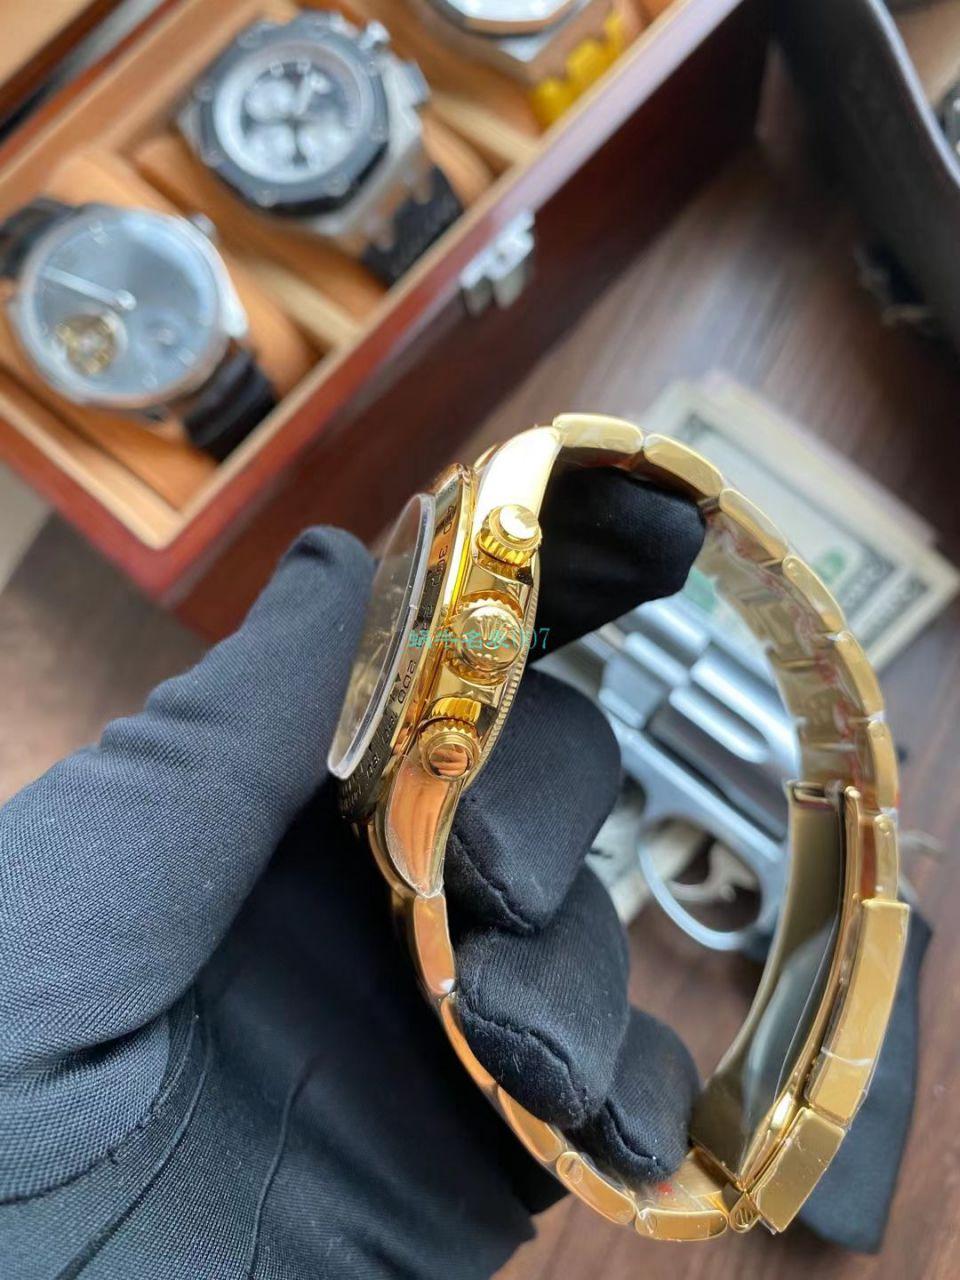 【视频评测】N厂劳力士超级4130迪通拿钻钉m116508-0006、m116503-0008腕表 / R728